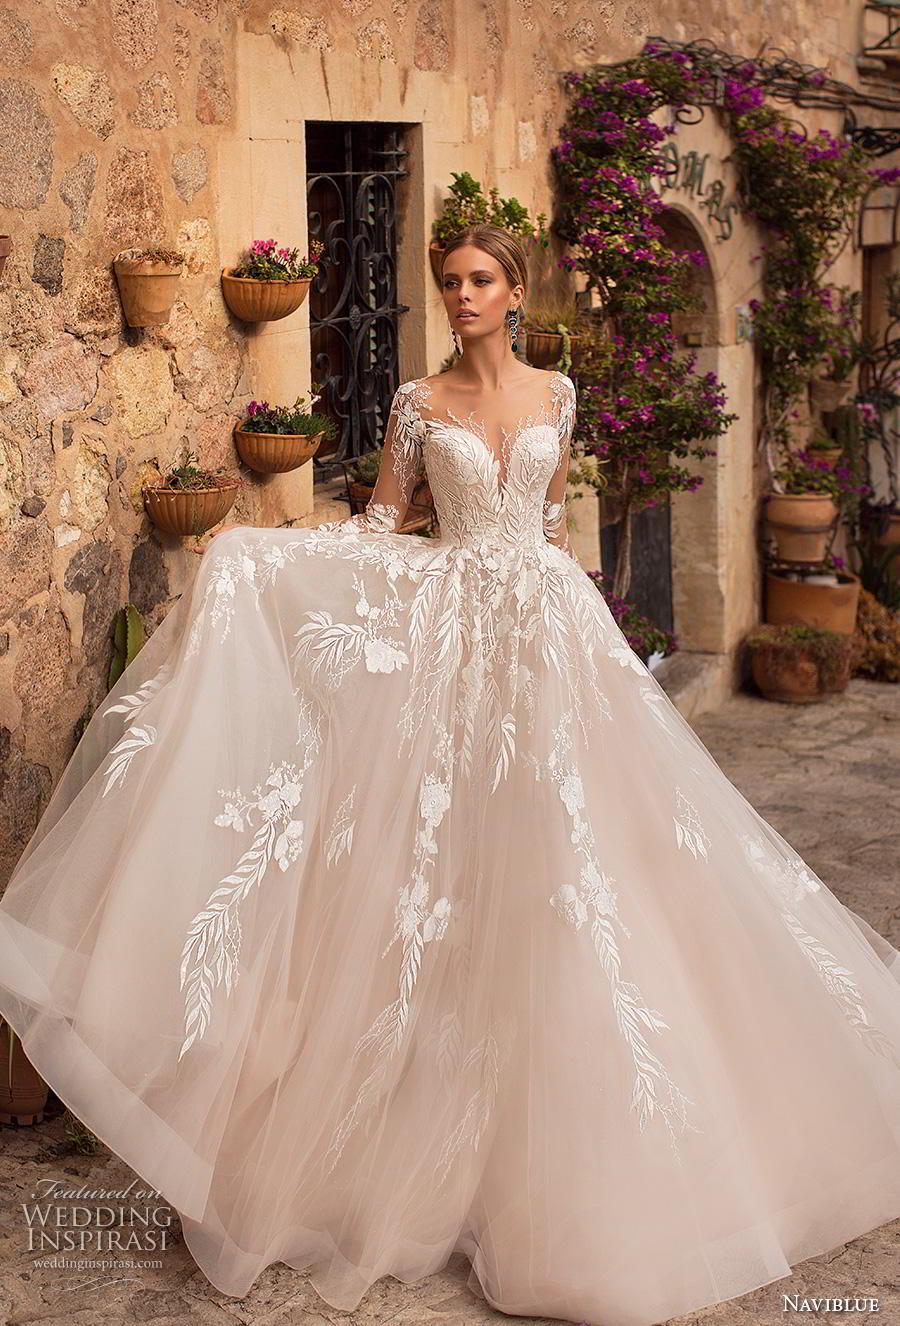 7362ea11008c naviblue 2019 bridal long sleeves deep sweetheart neckline heavily  embellished bodice romantic glamorous blush a line